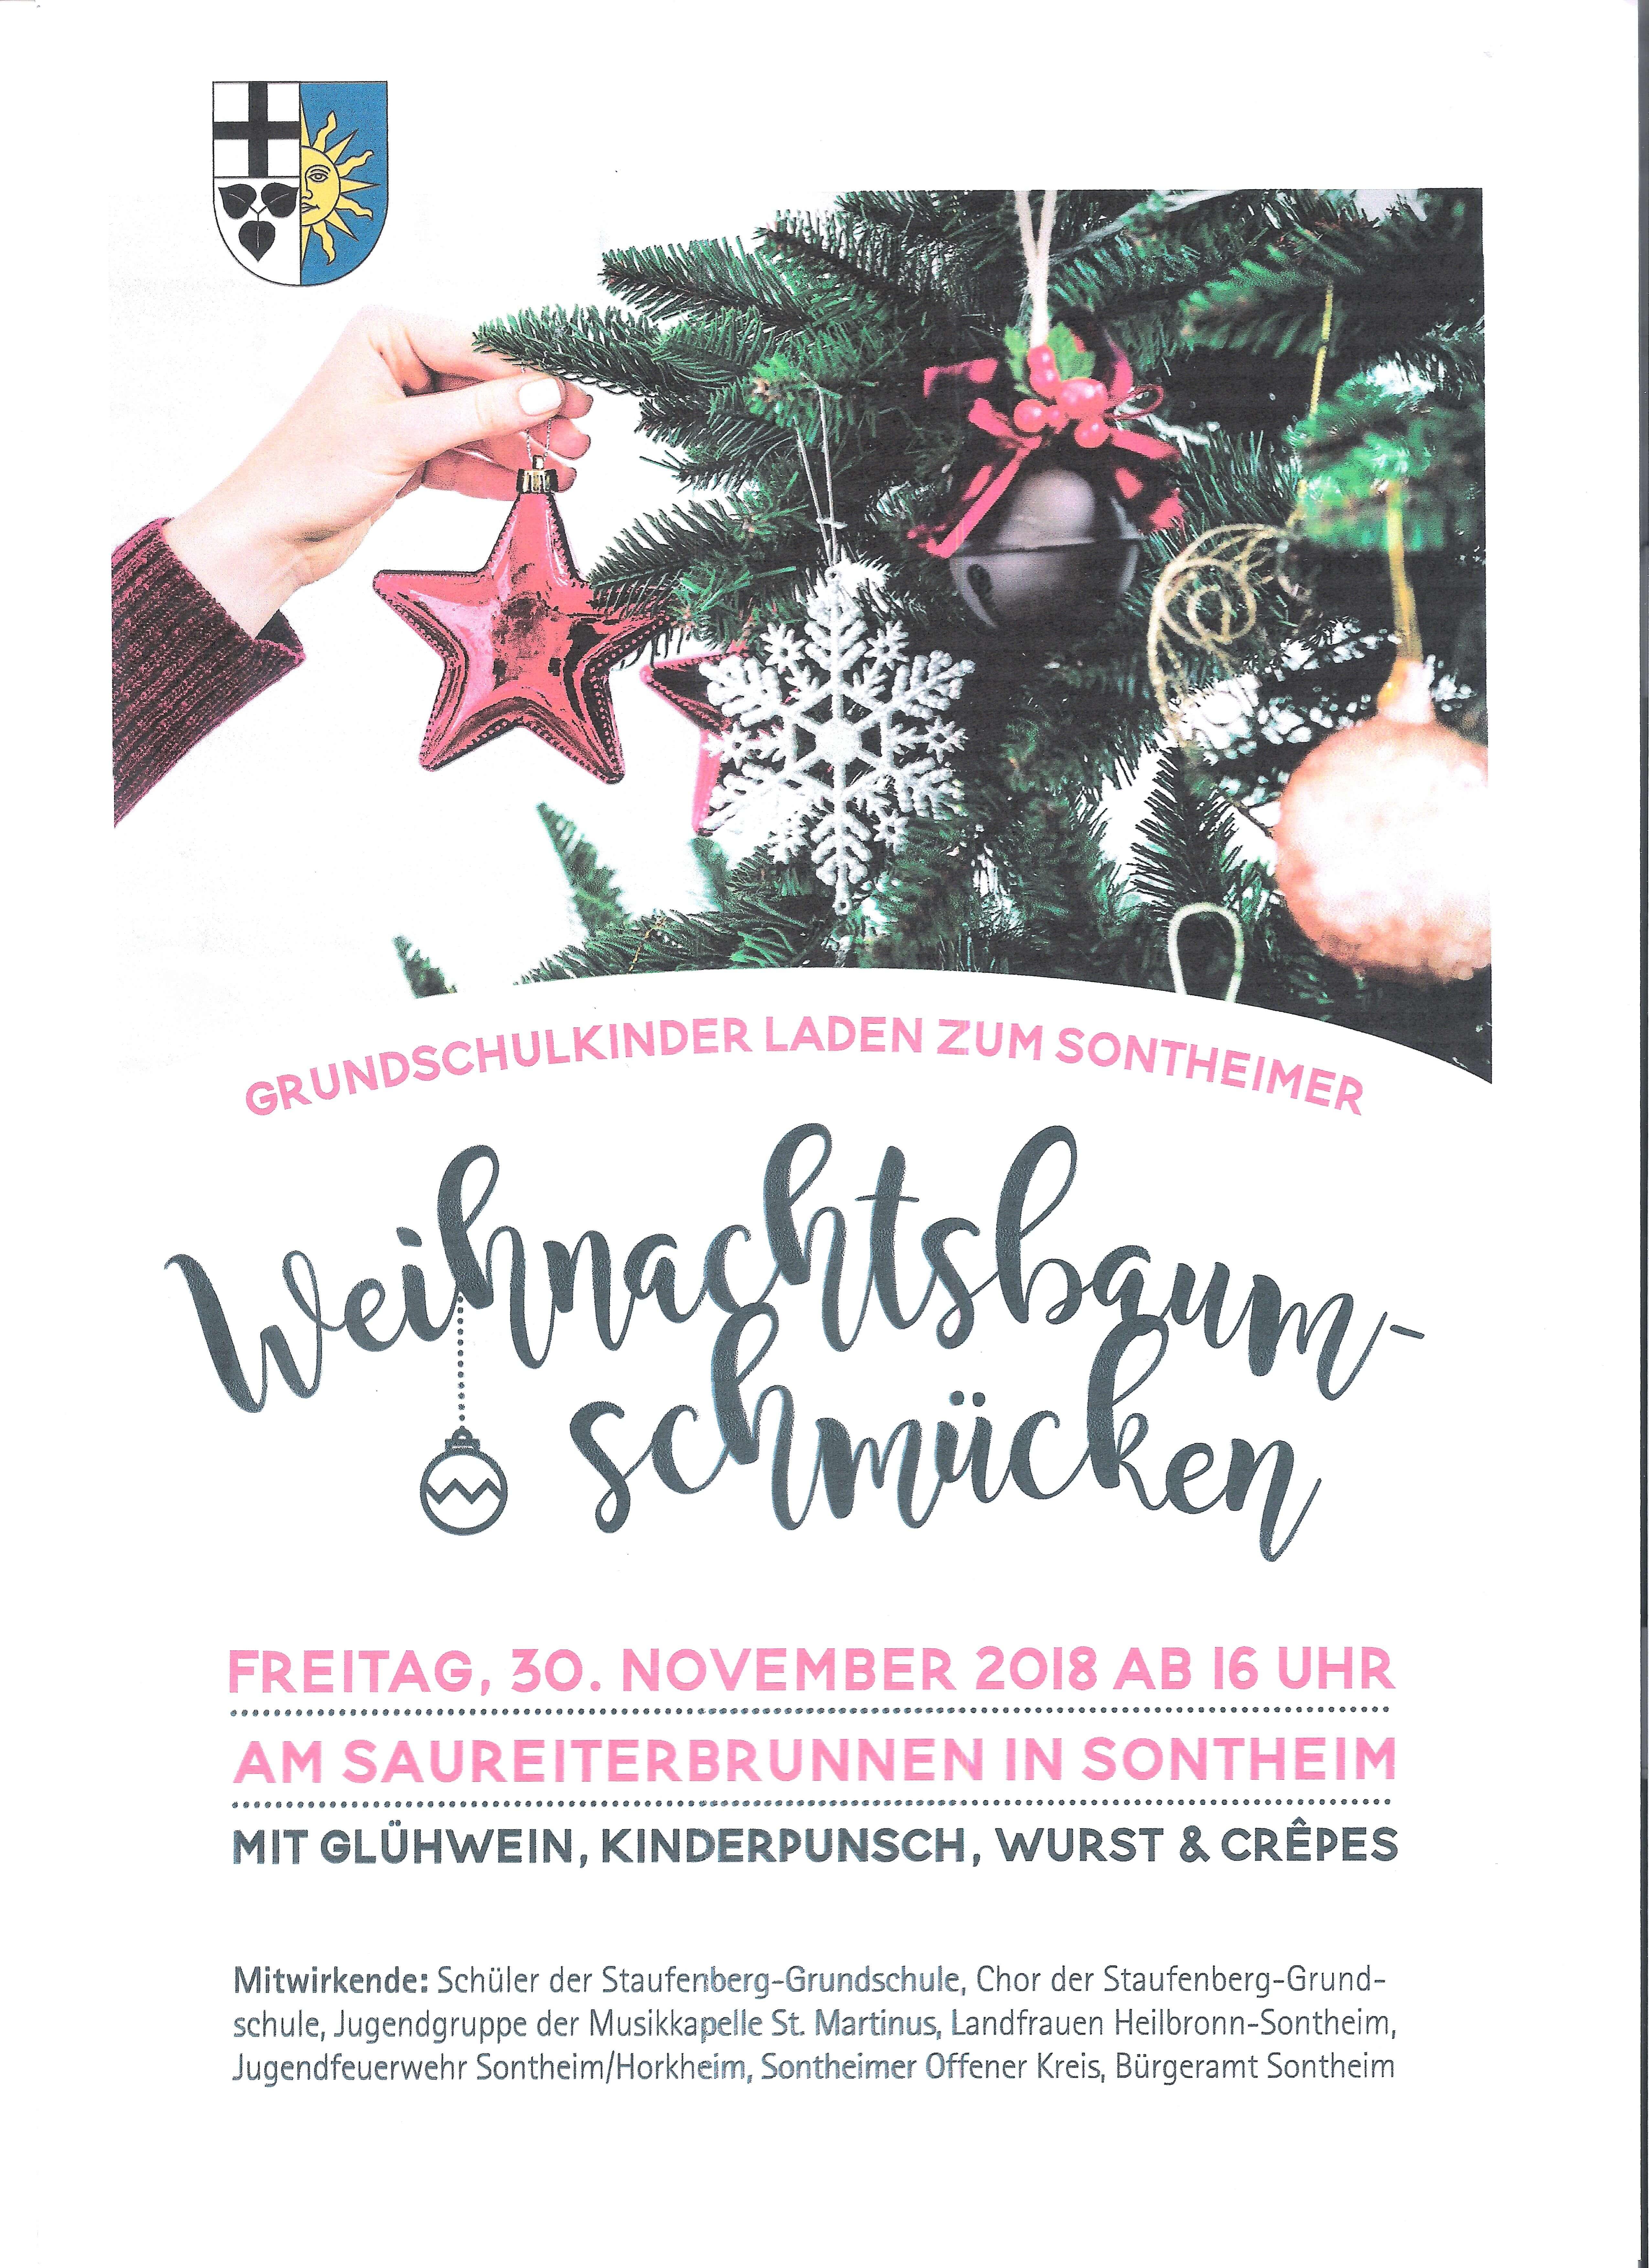 Weihnachtsbaum-Schmücken 2018 am Saureiterbrunnen in Sontheim